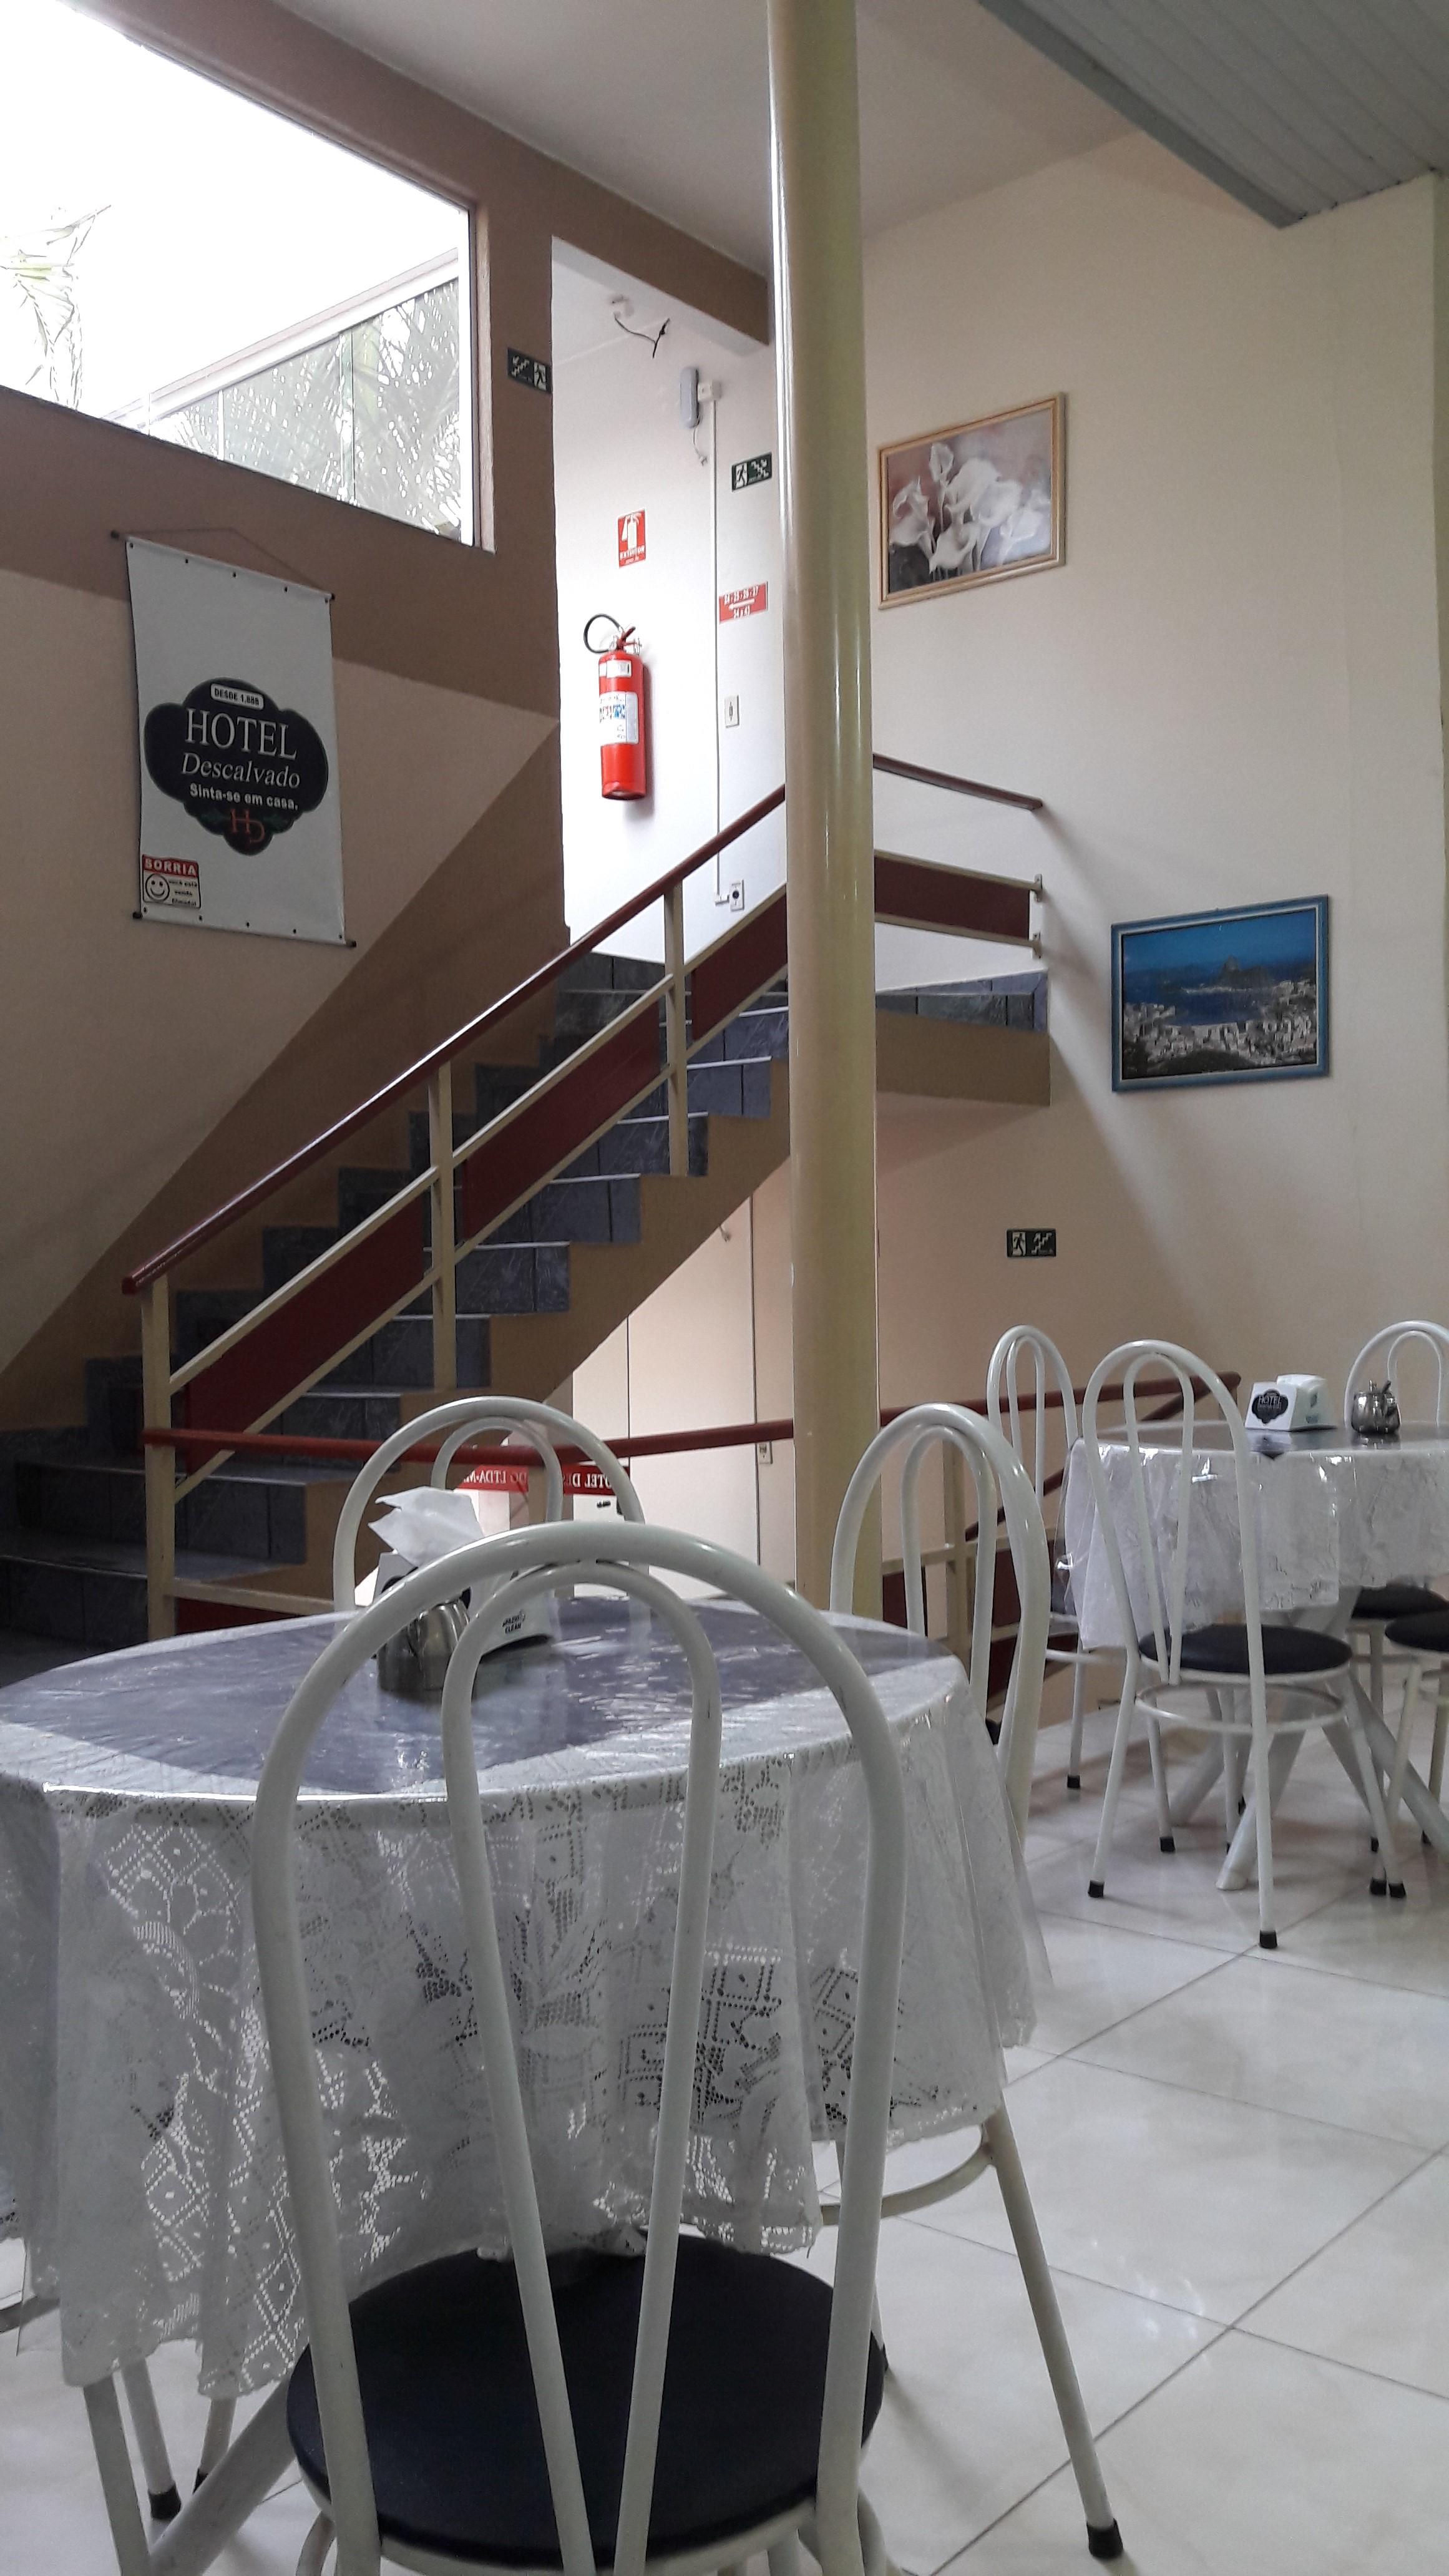 descalvado-hotel-descalvado-bf-room-resto-may17-1